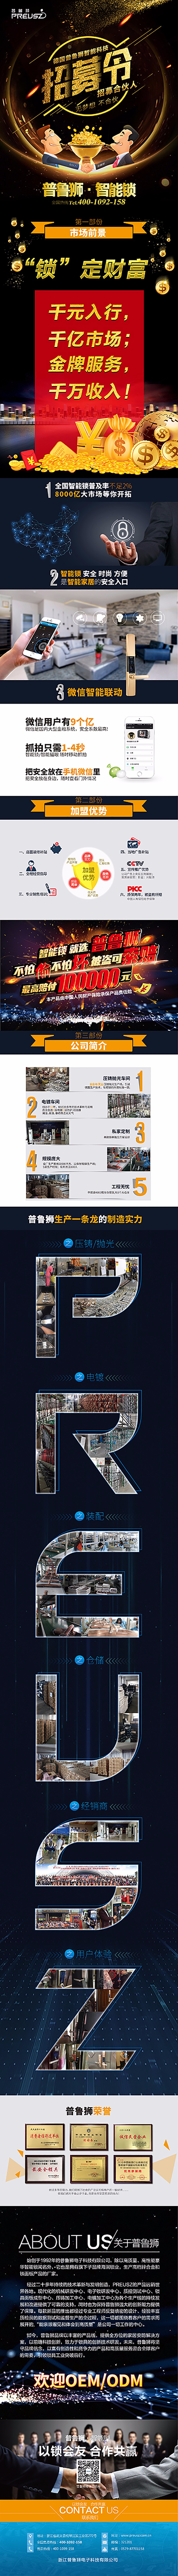 招商加盟頁.jpg